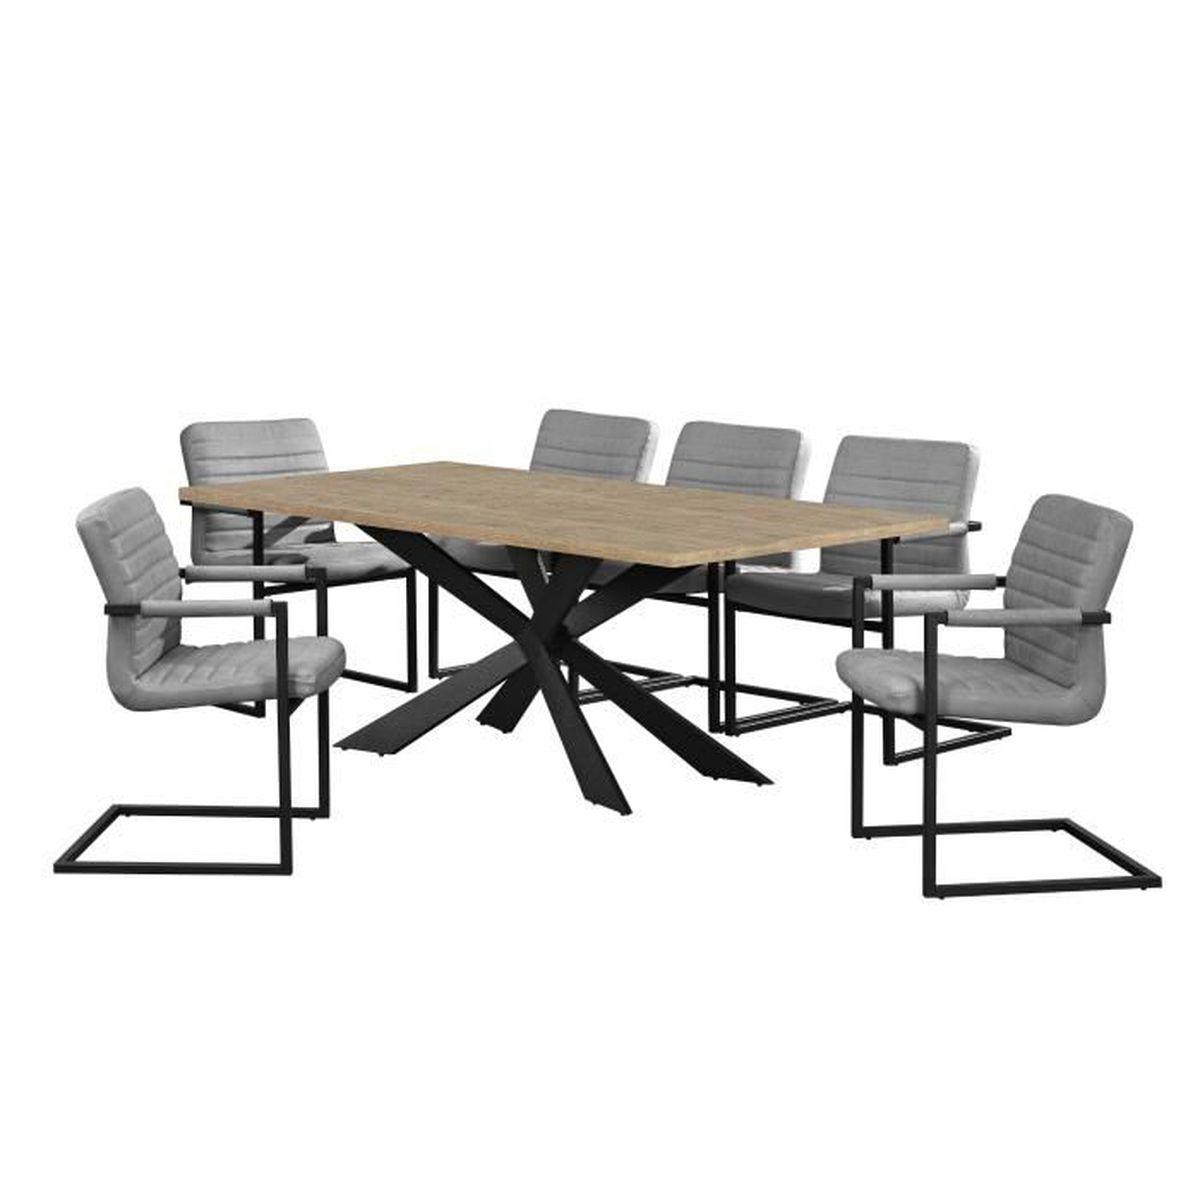 Table ch ne naturel avec 6 chaises cantilever - Table avec chaises encastrables ...